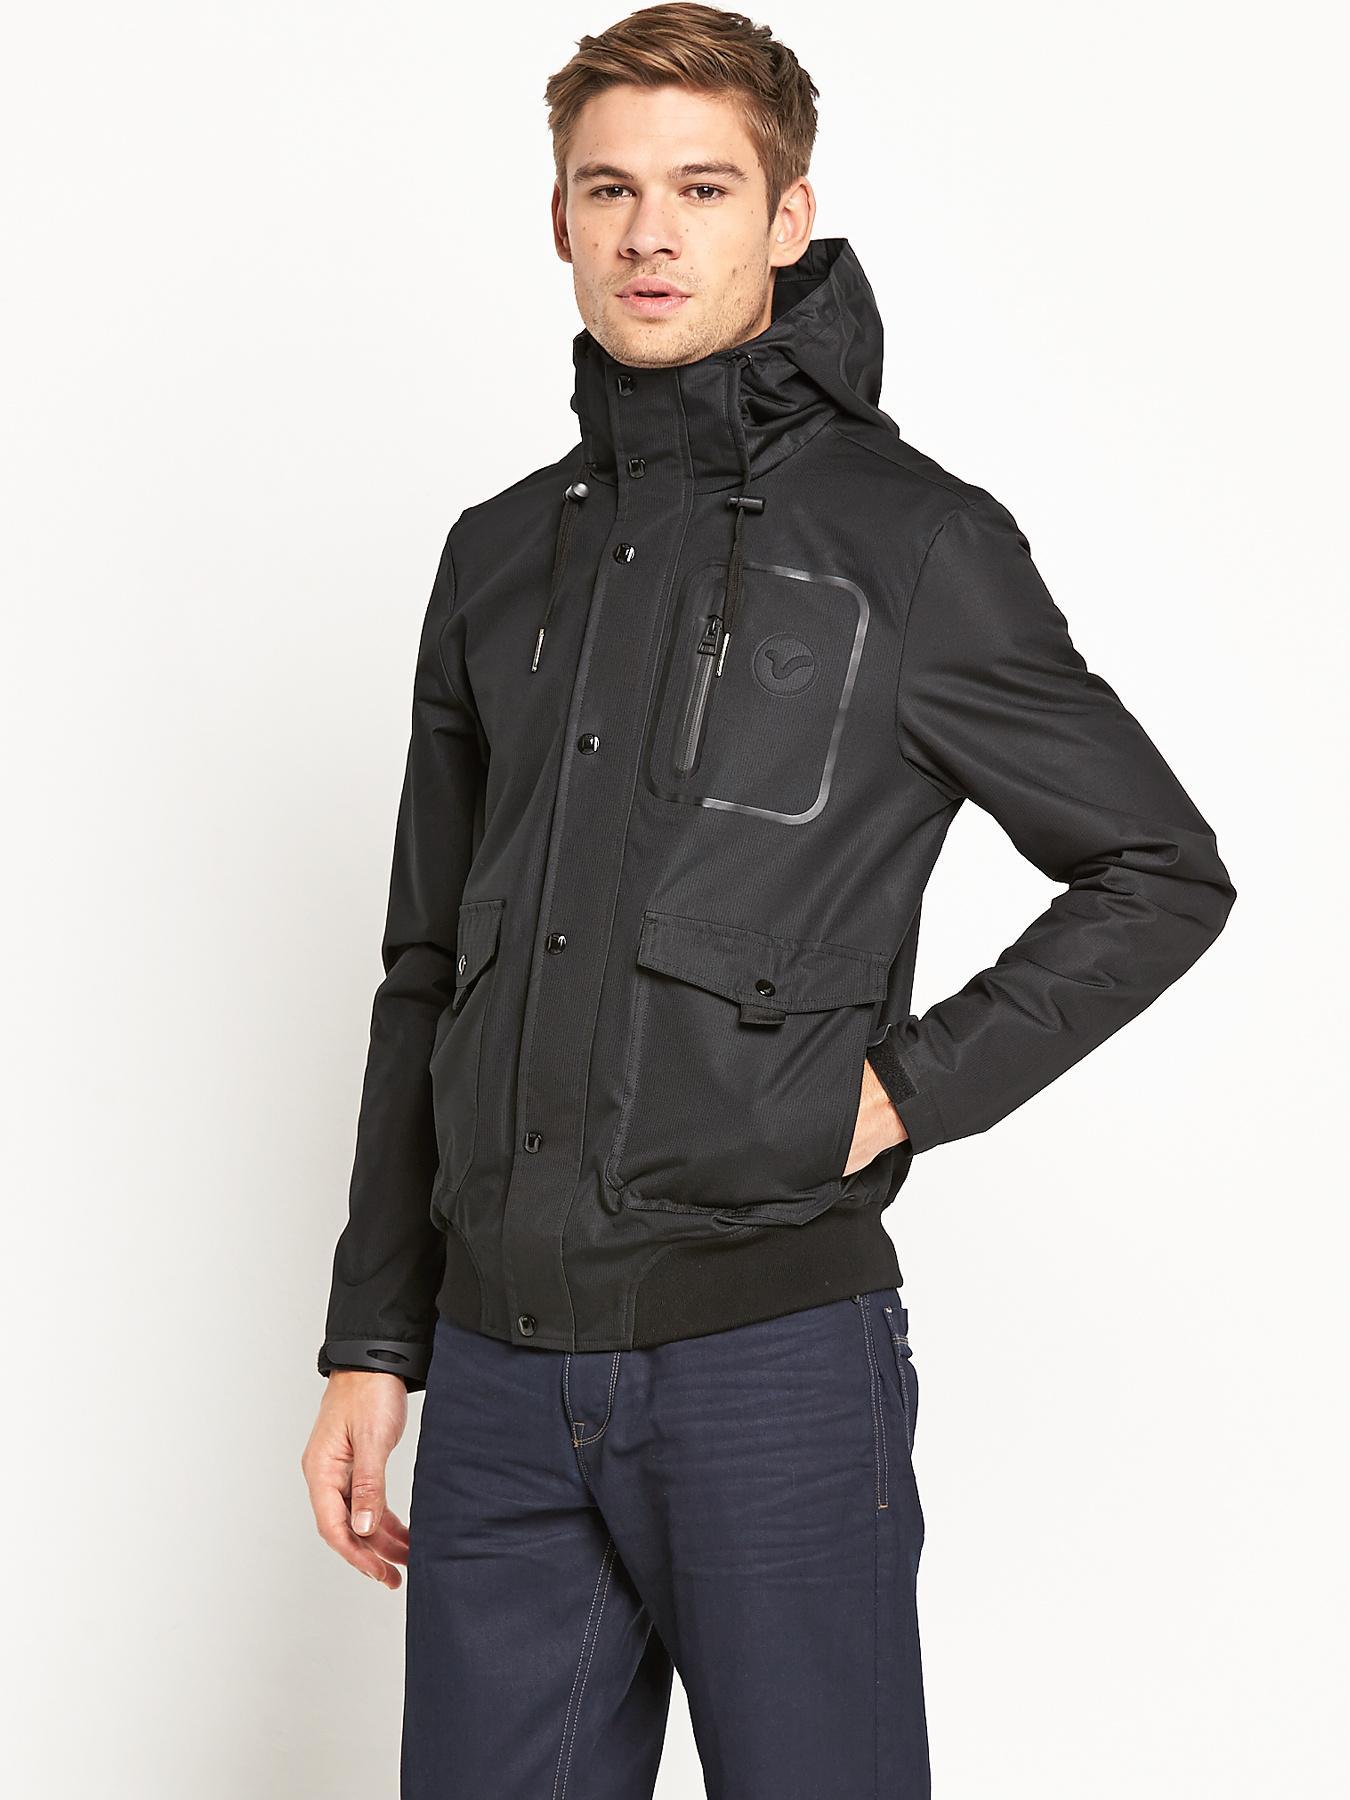 Voi Jeans Mens Climate Jacket - Black, Black